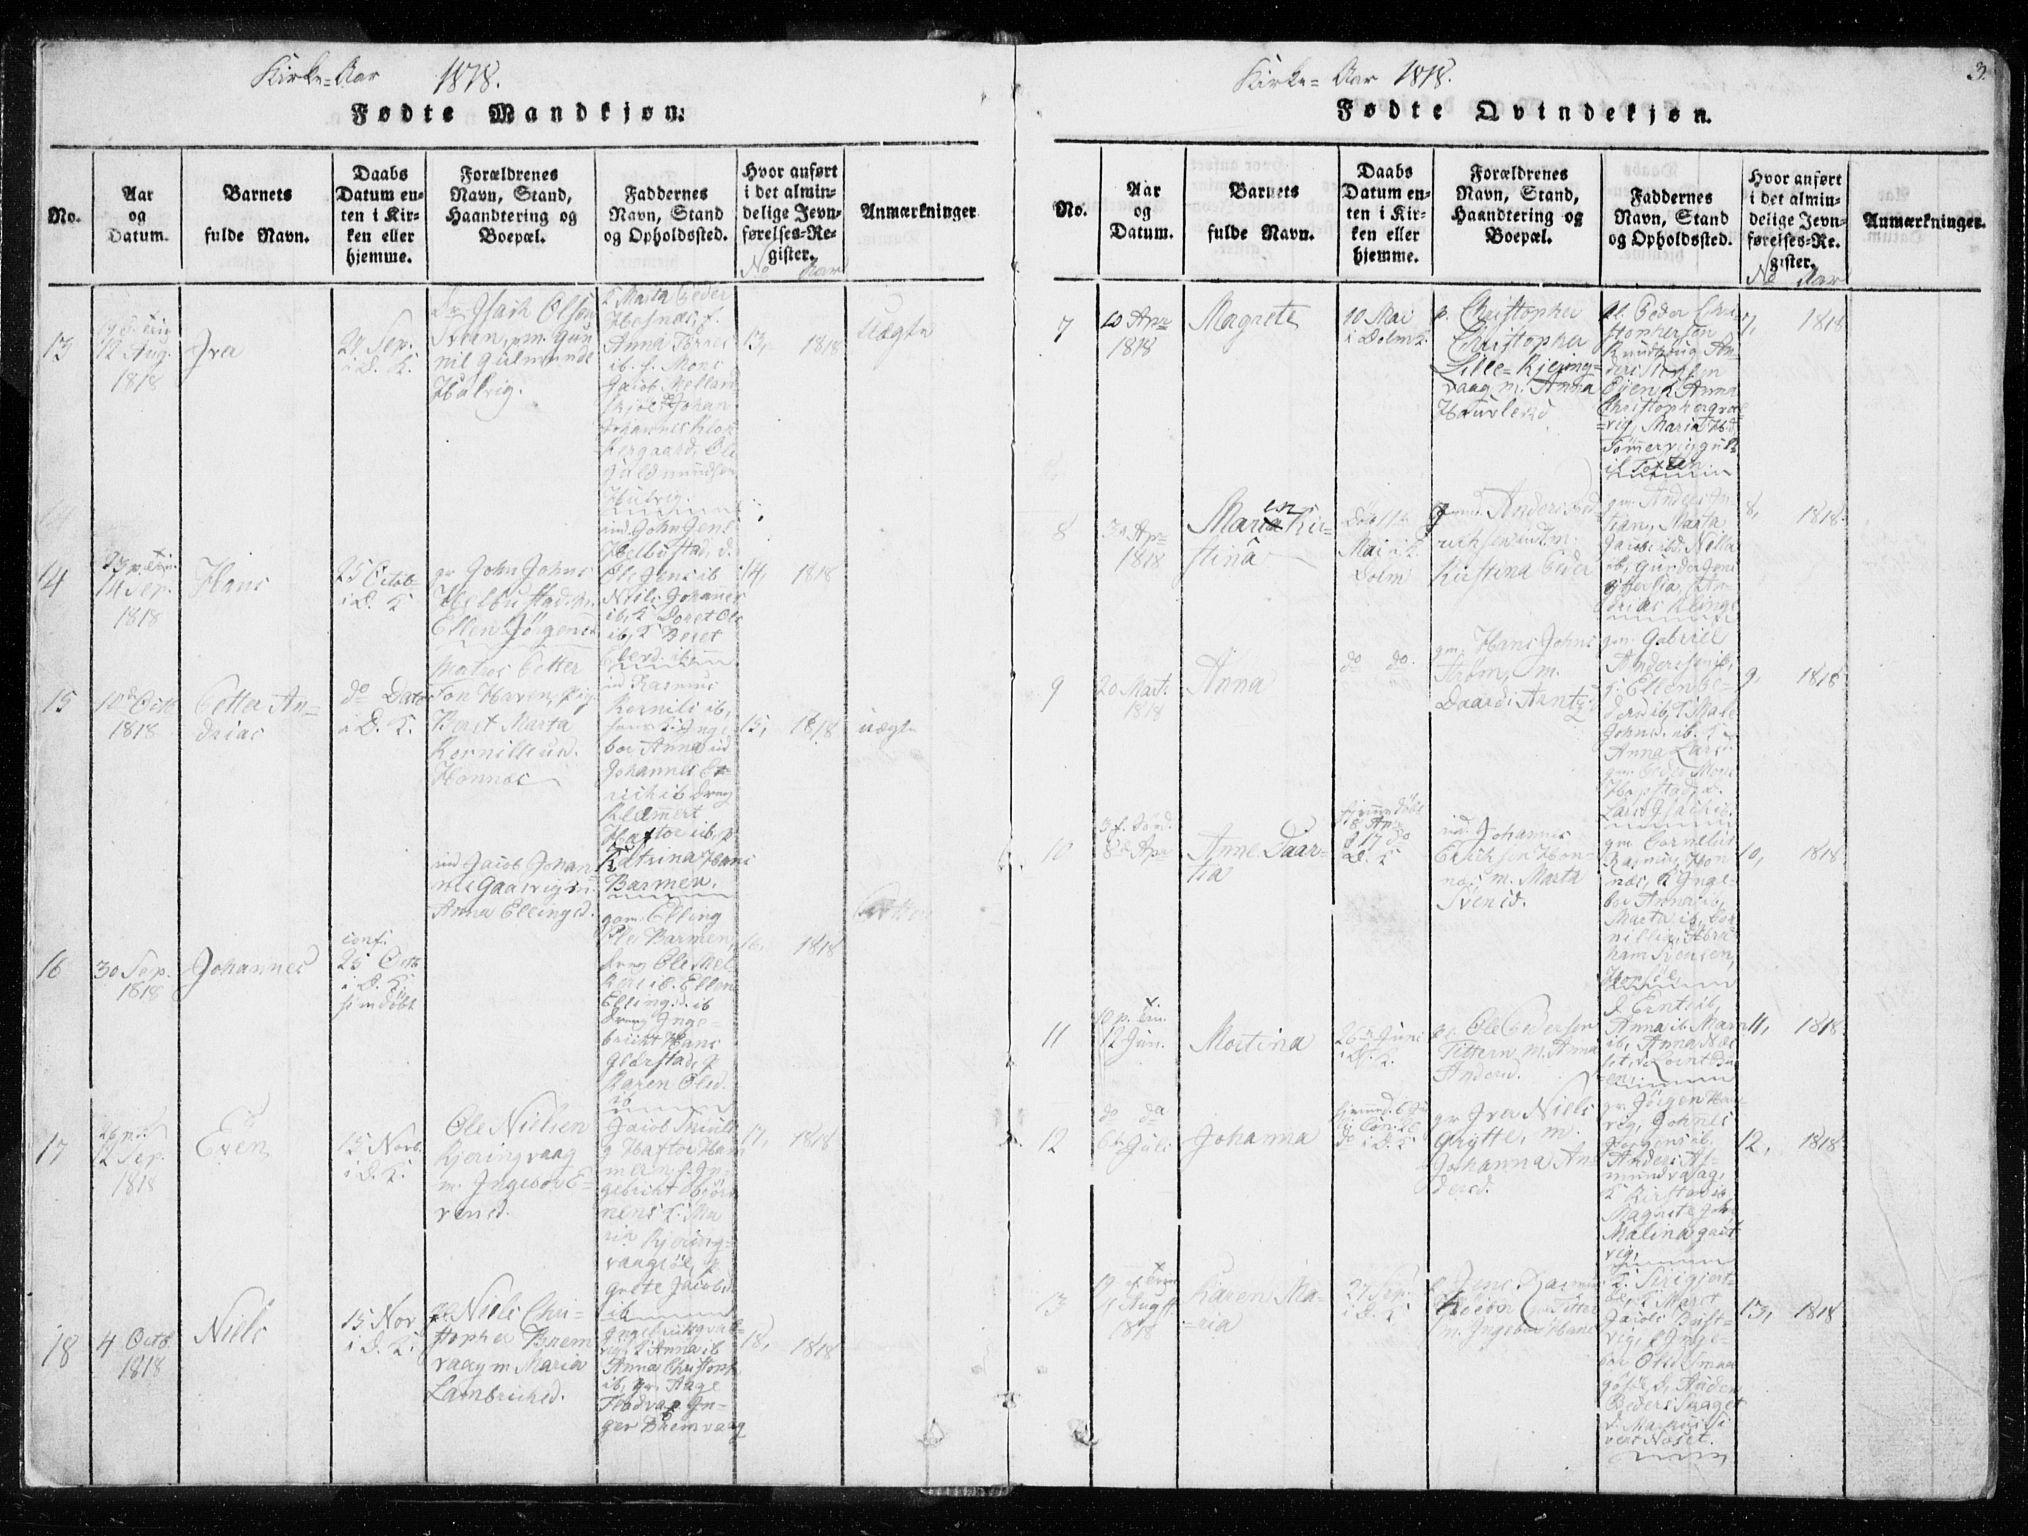 SAT, Ministerialprotokoller, klokkerbøker og fødselsregistre - Sør-Trøndelag, 634/L0527: Ministerialbok nr. 634A03, 1818-1826, s. 3